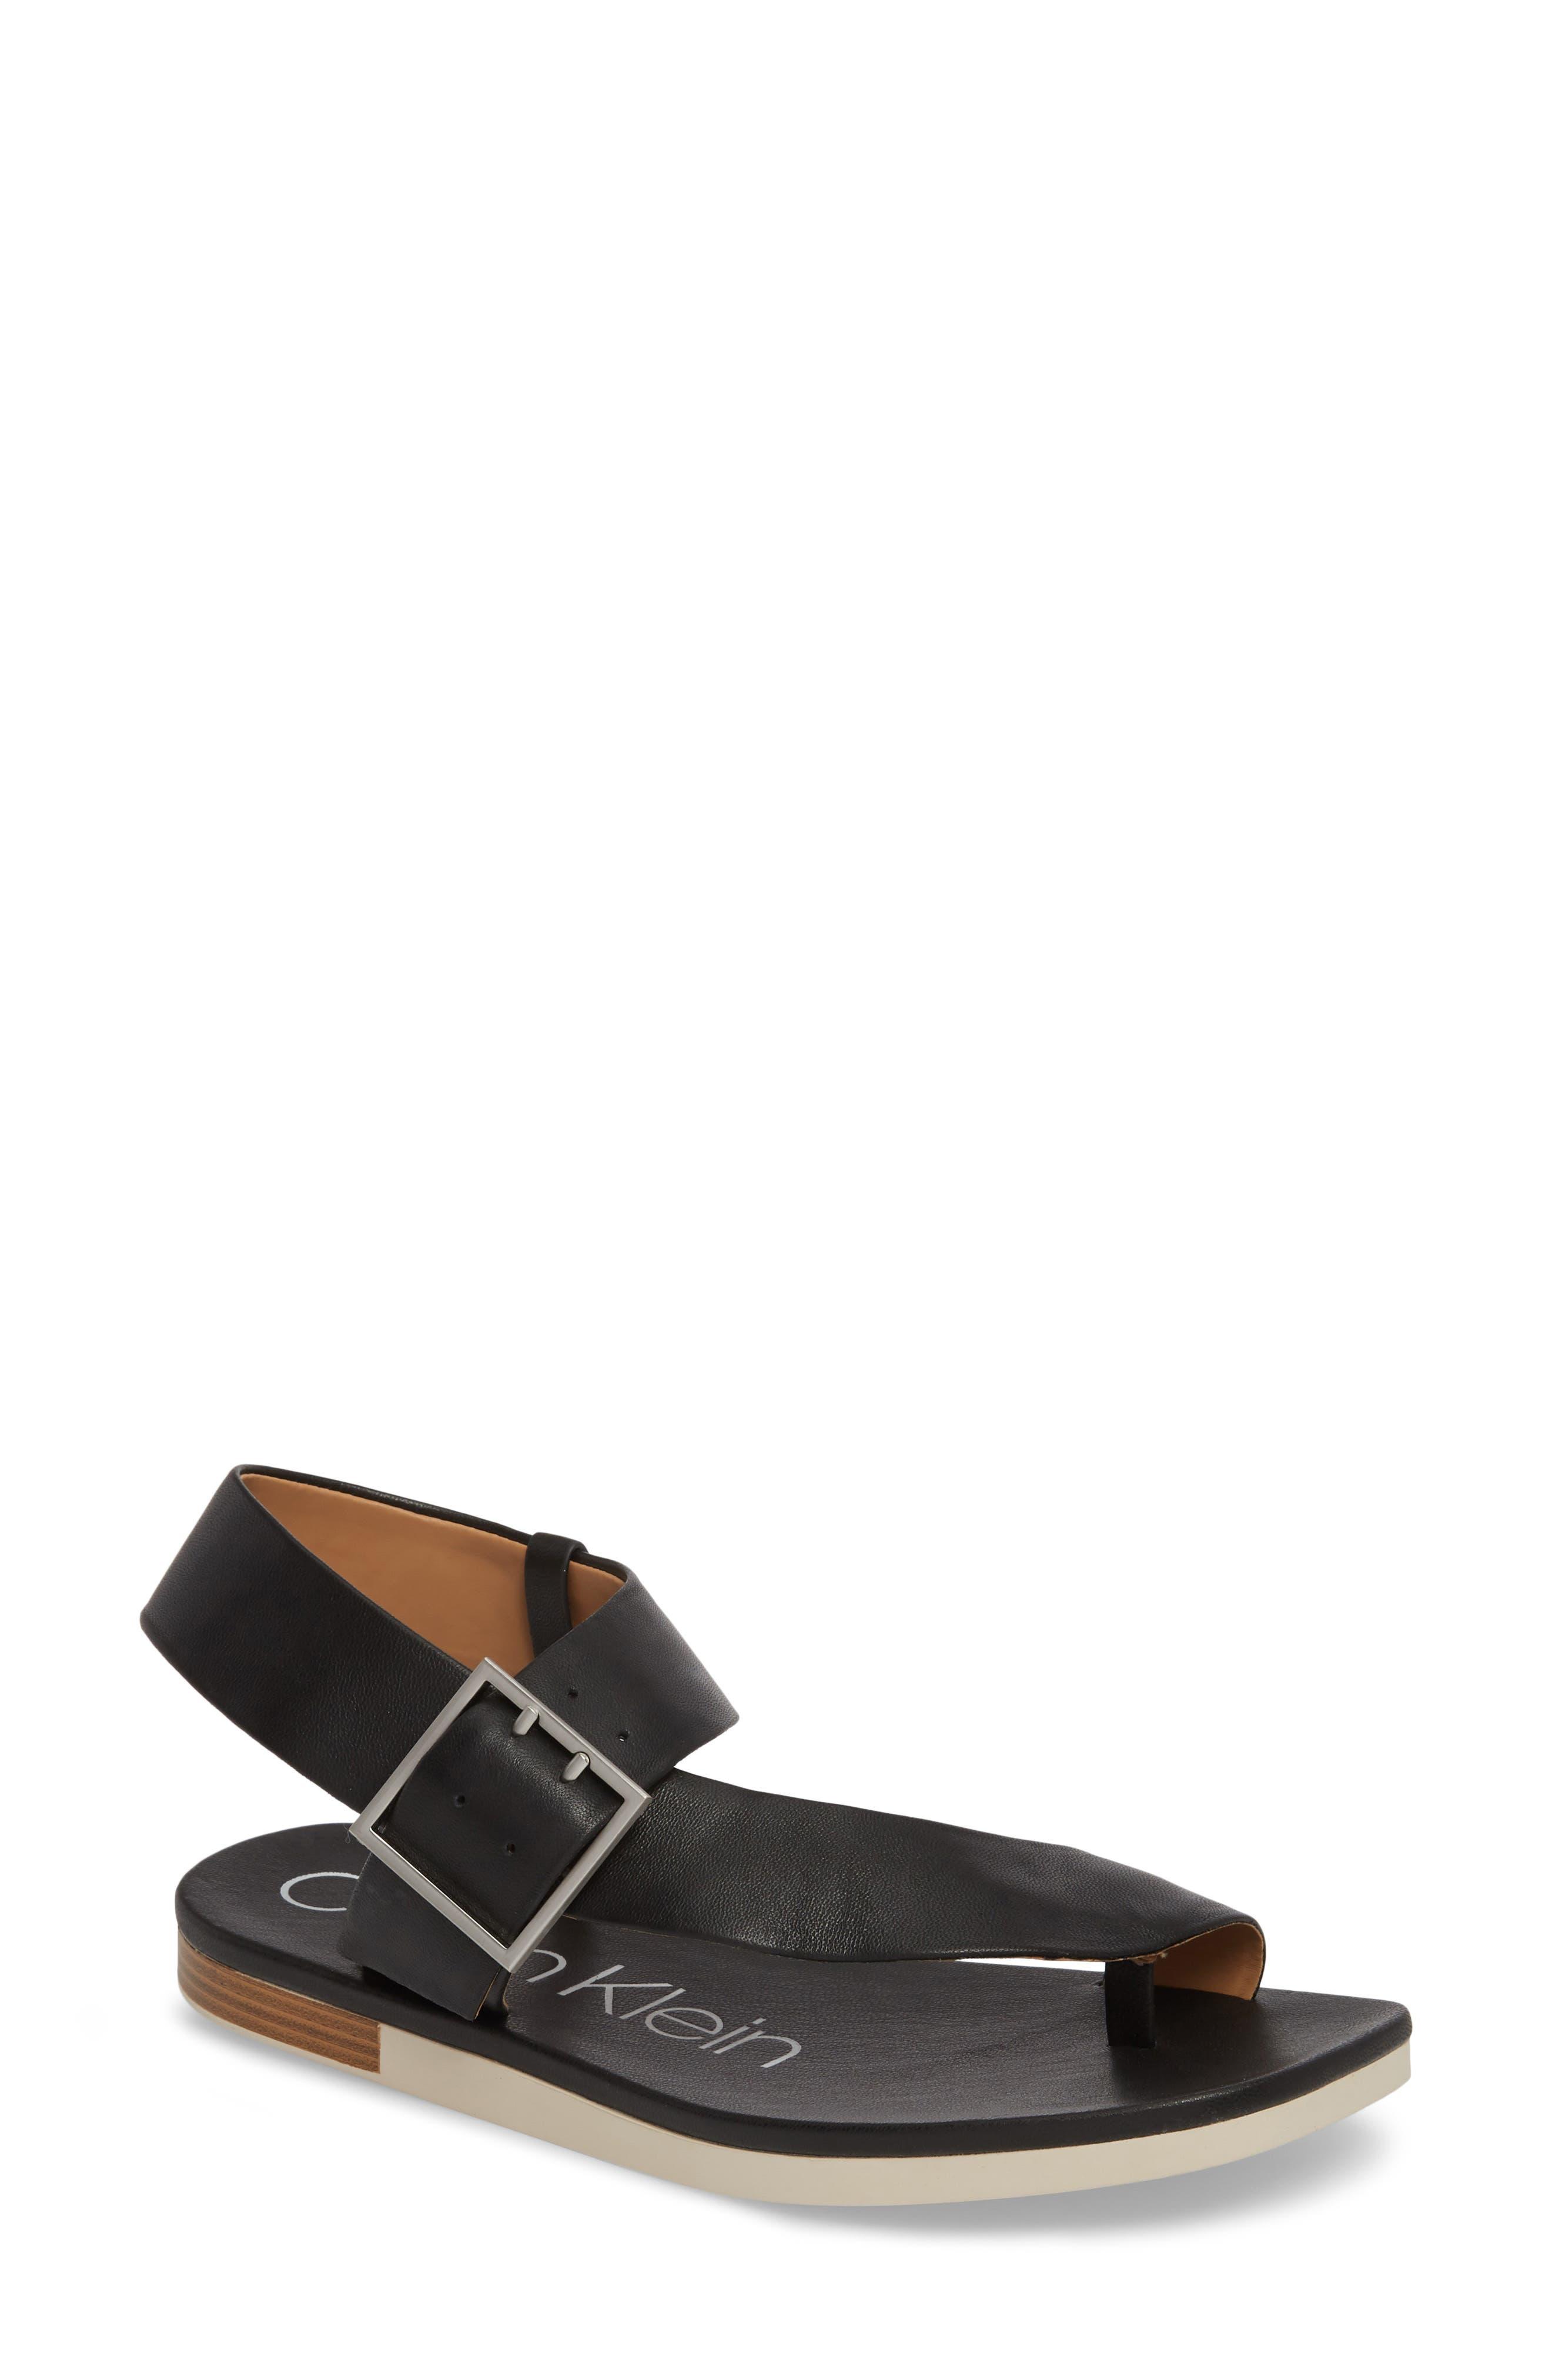 Rivita Sandal,                         Main,                         color,